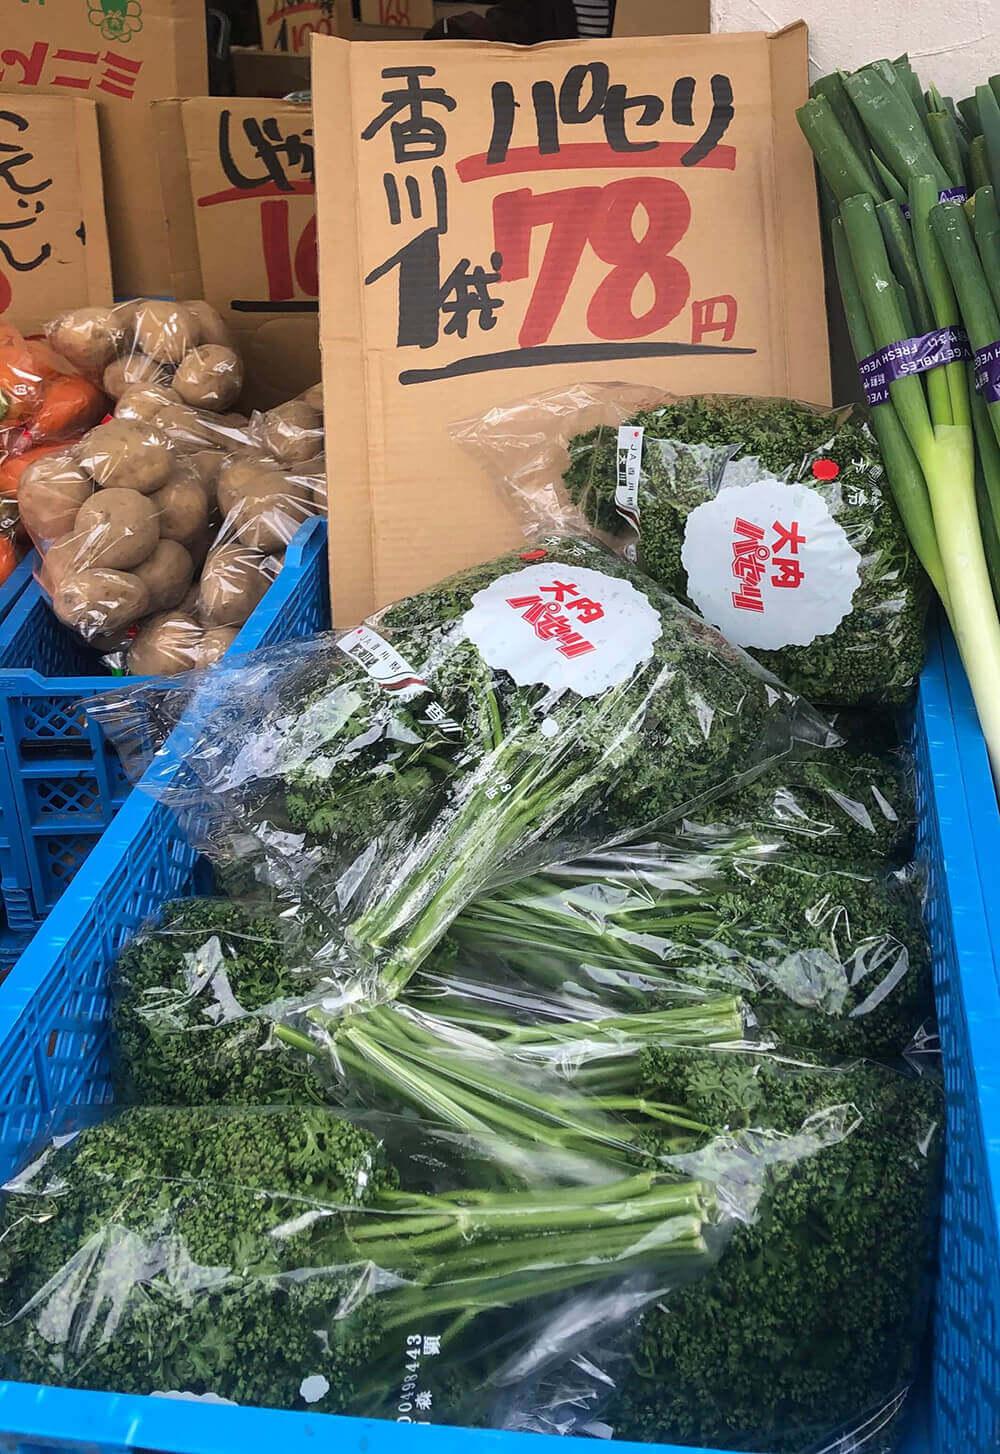 フルーツ&ベジー太子堂村で売られている野菜・パセリ